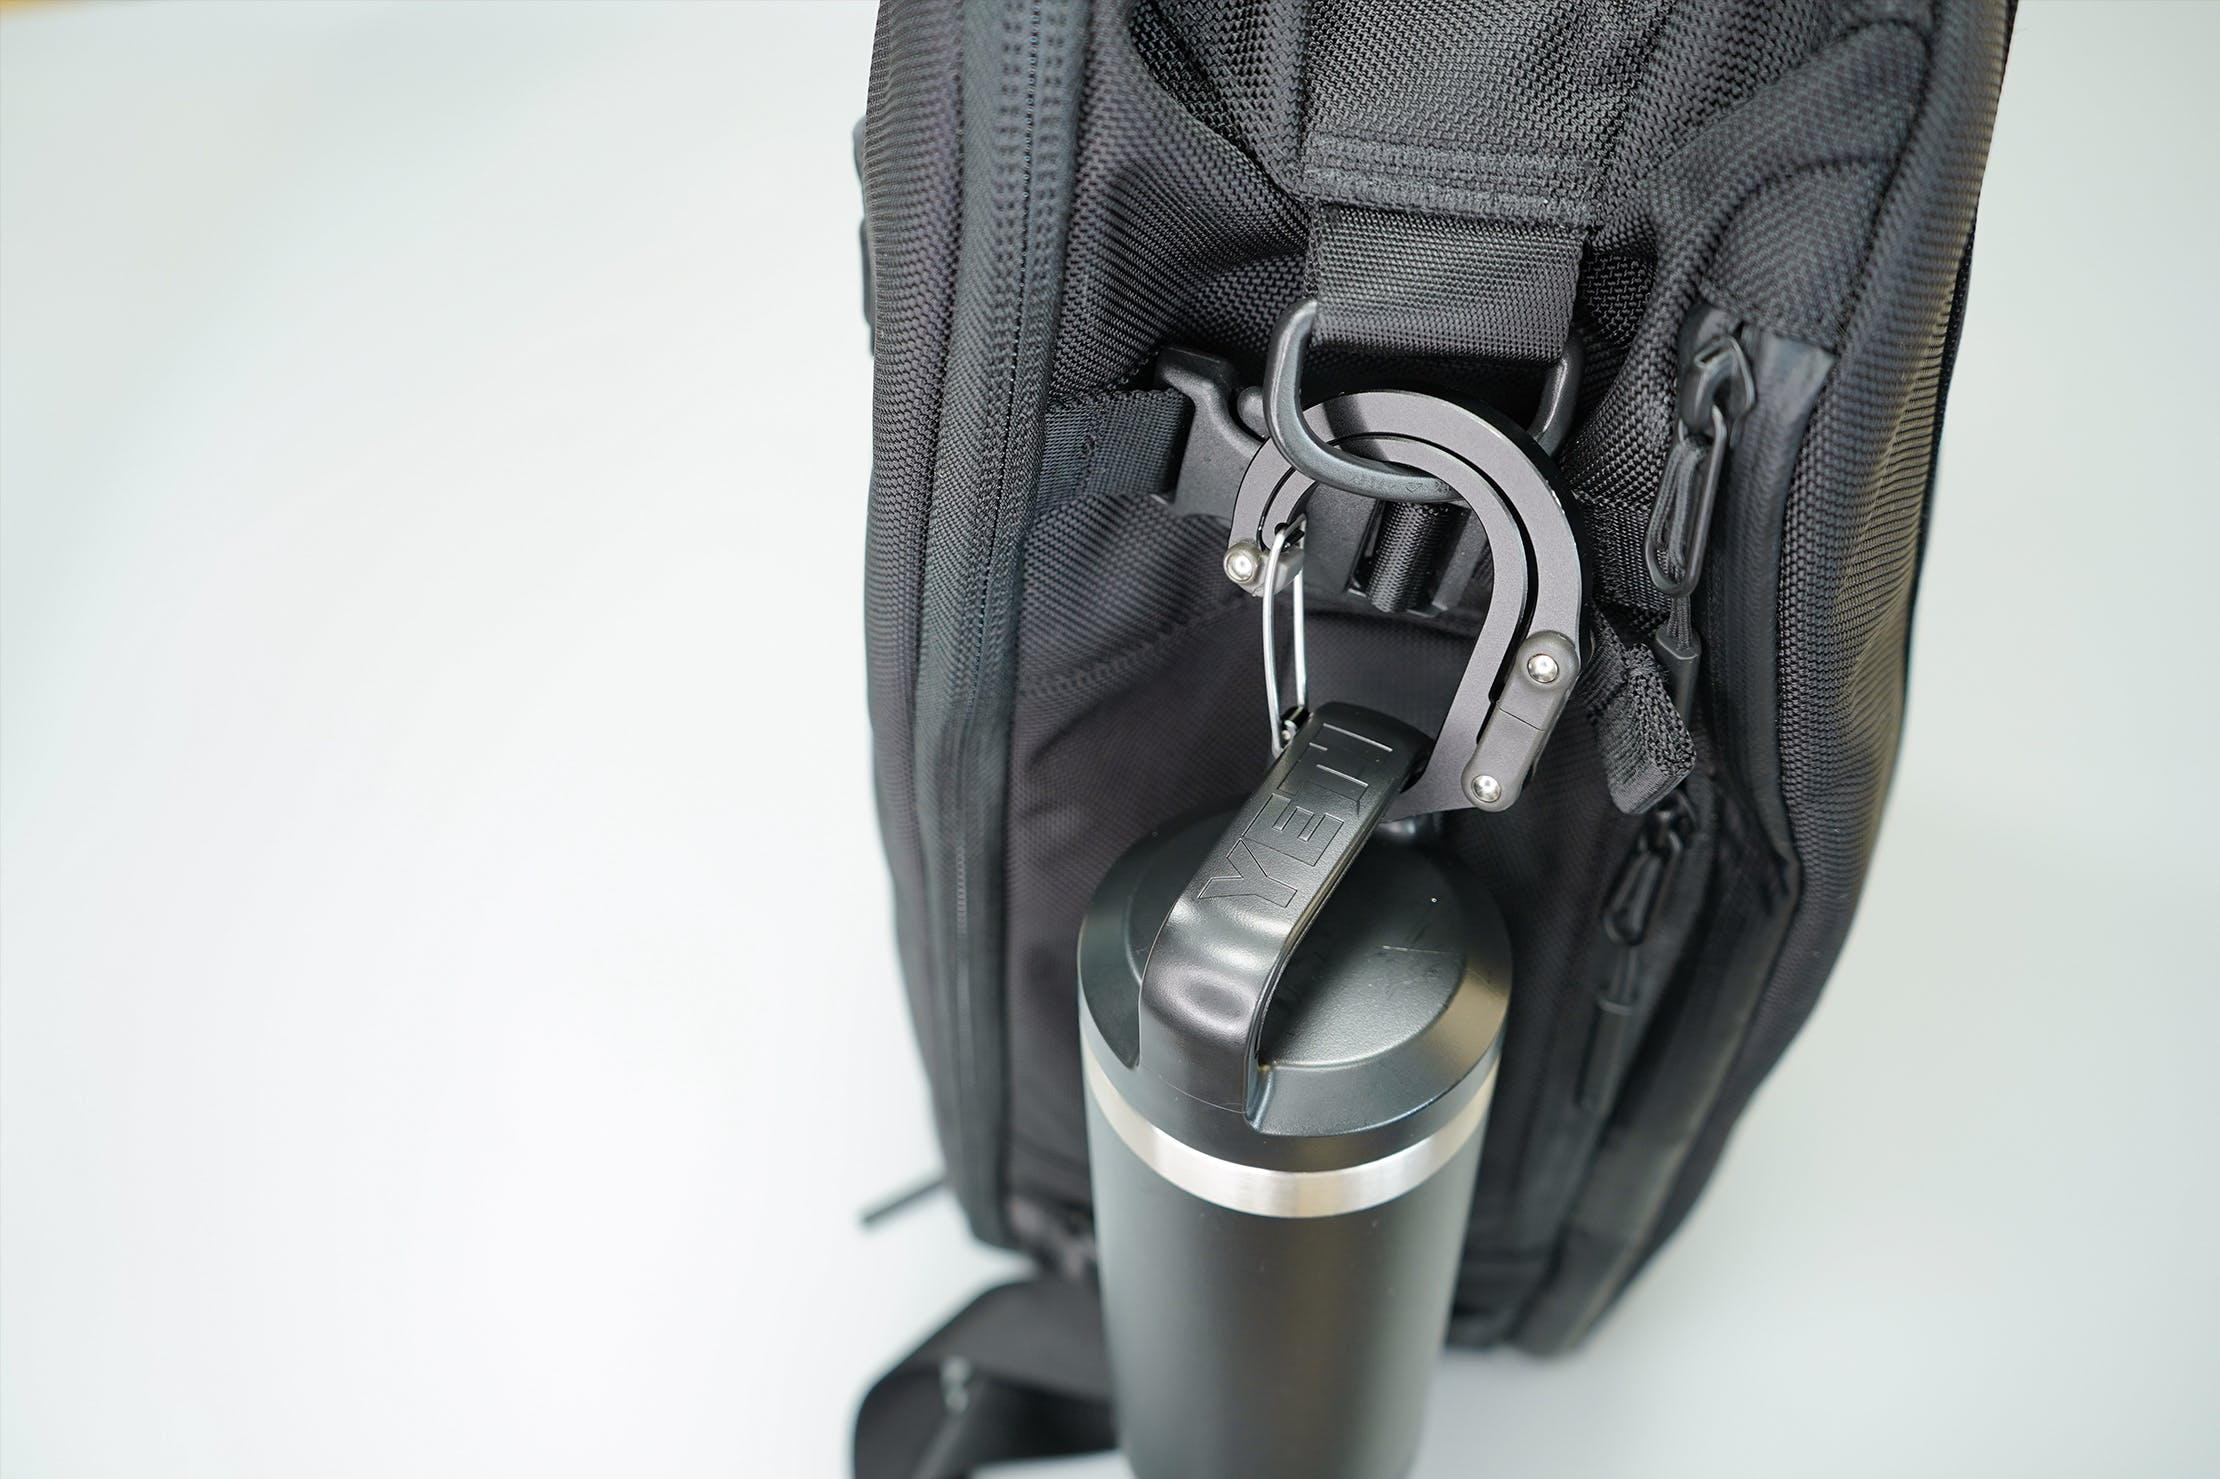 Heroclip Water Bottle